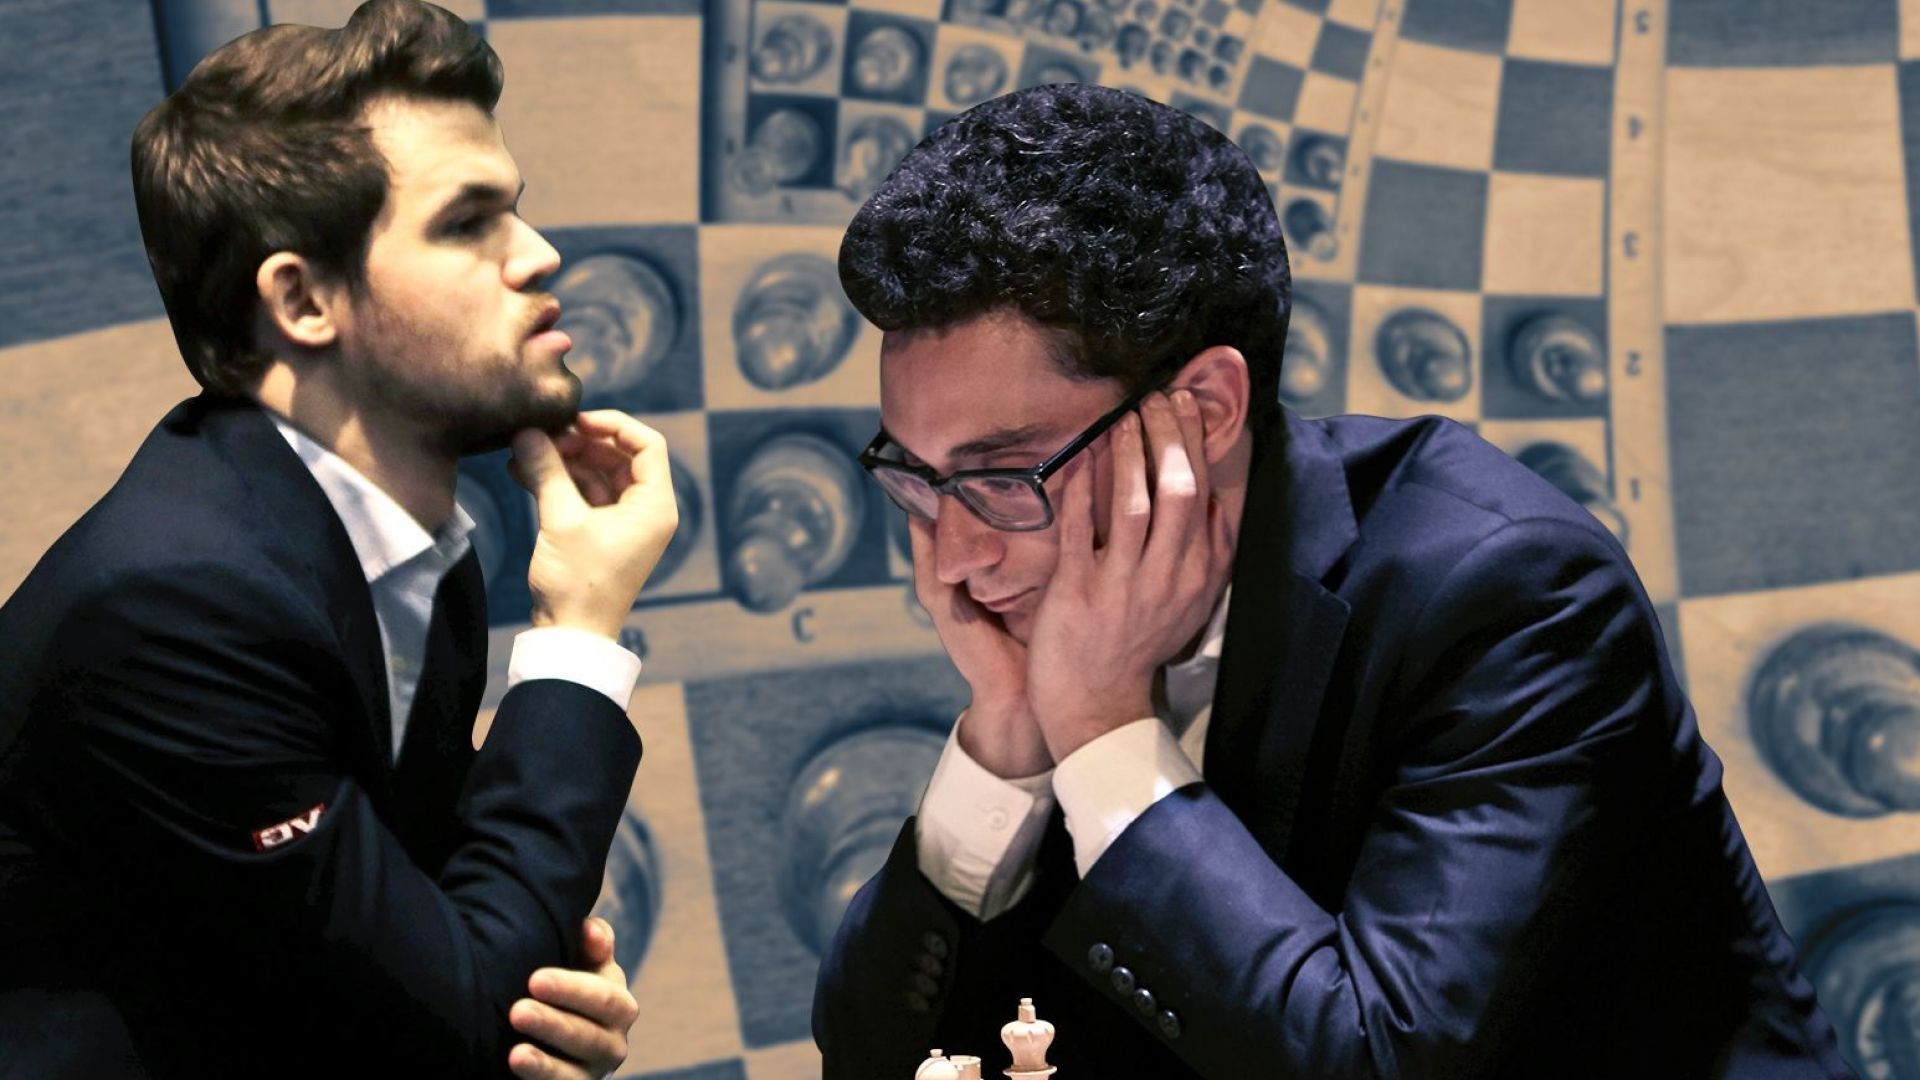 Мачът на века в шахмата започва: Геният срещу йогата